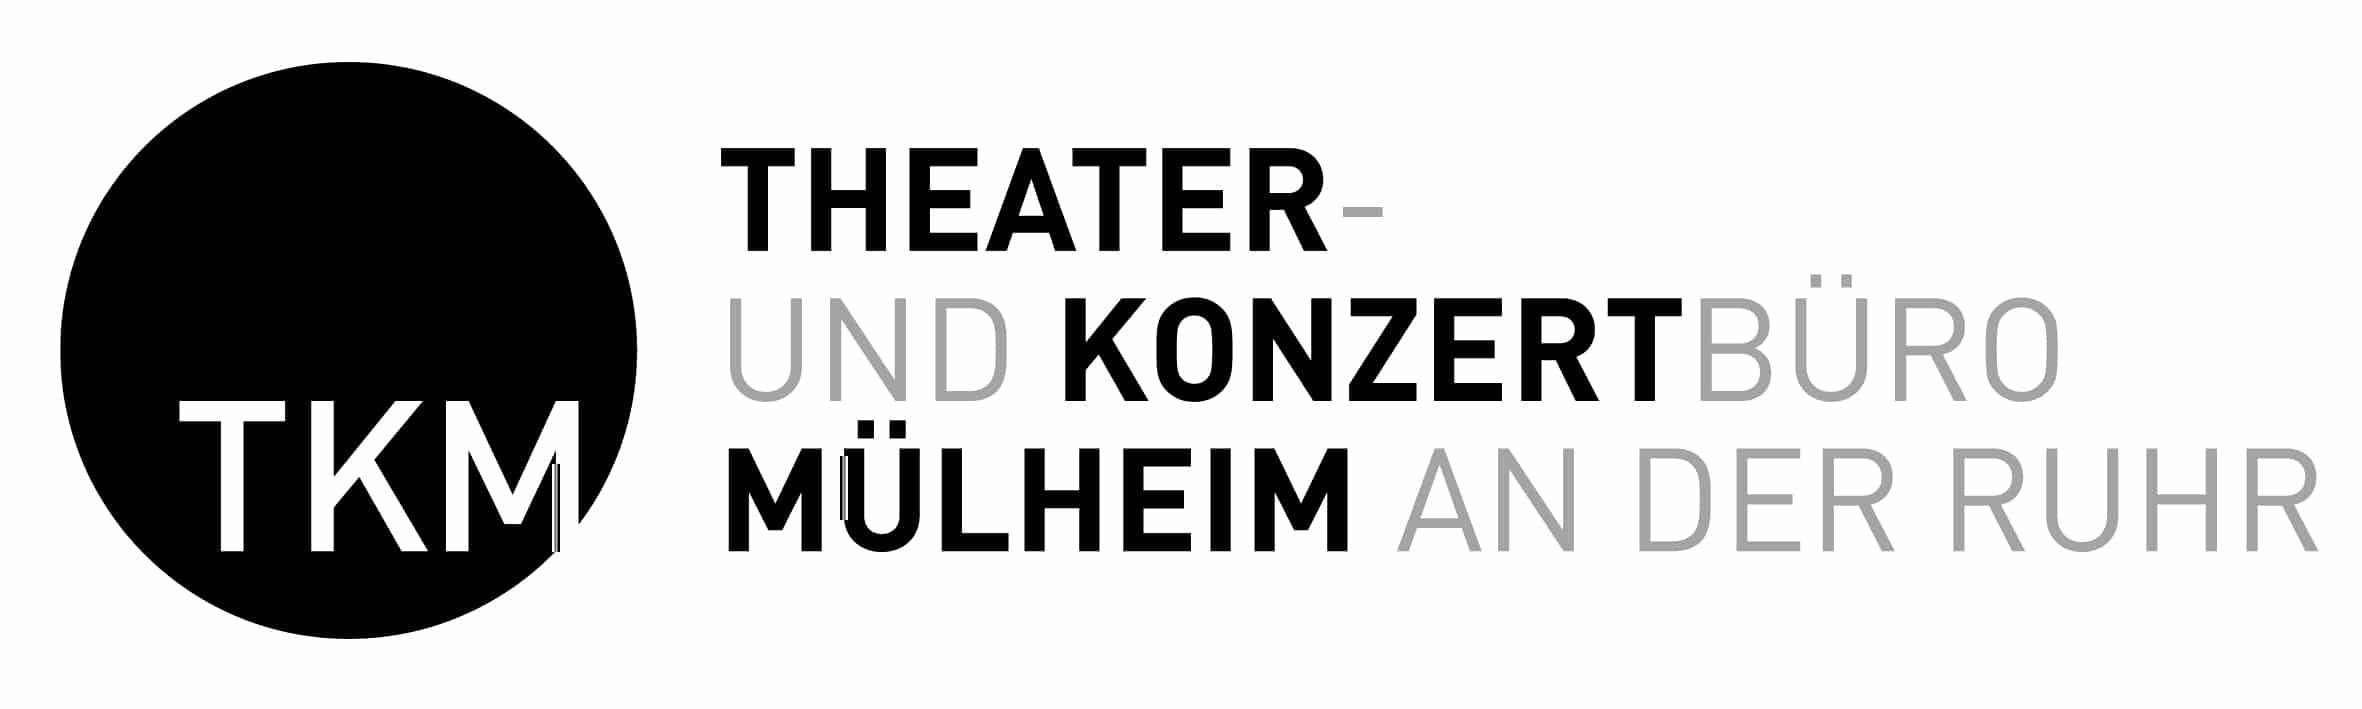 Logo Theater- und Konzertbüro Mülheim an der Ruhr